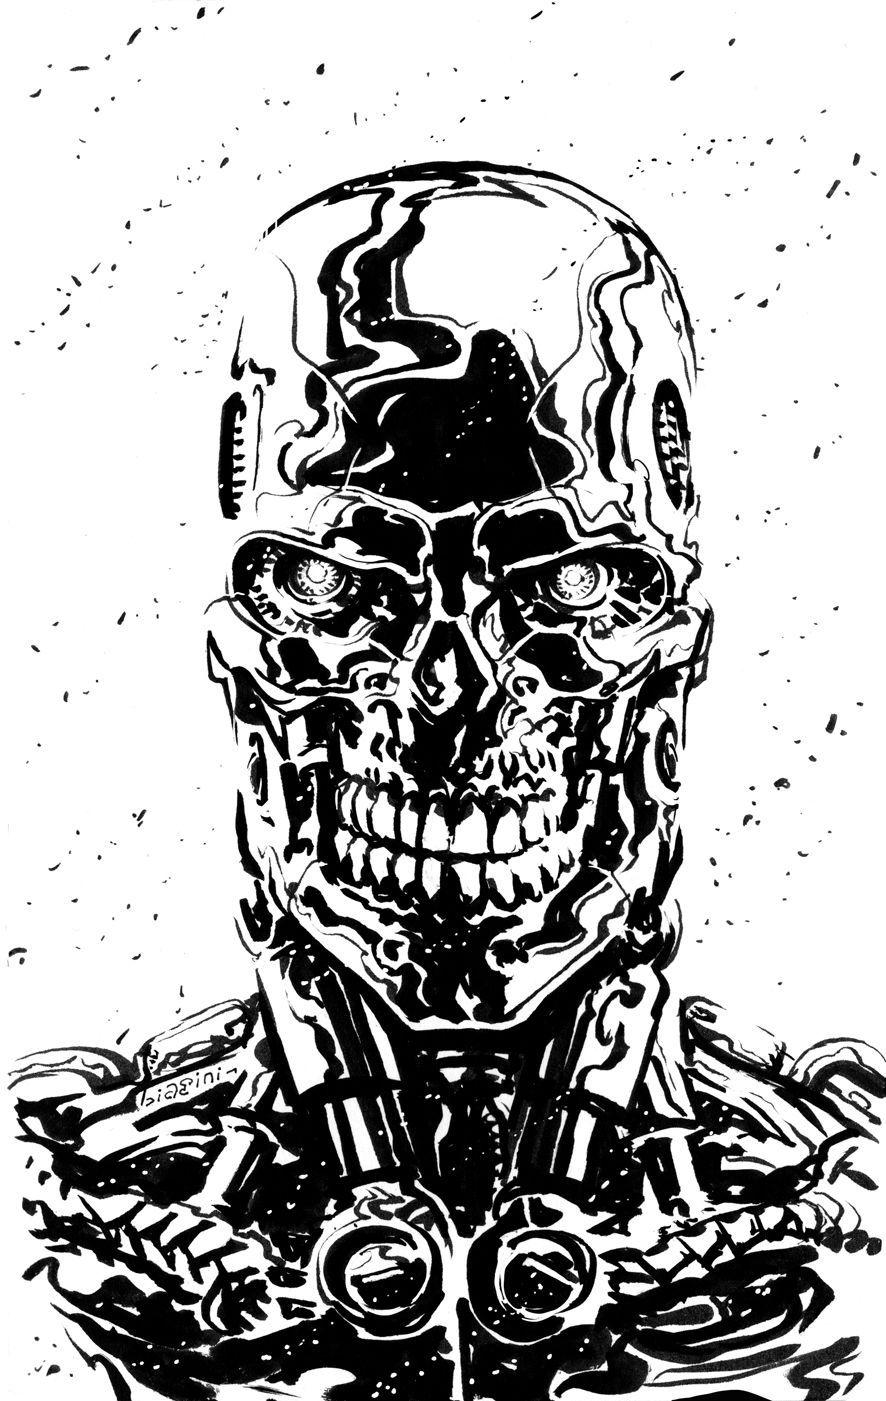 Keptalalat A Kovetkezore Terminator Silhouette Desenhos Para